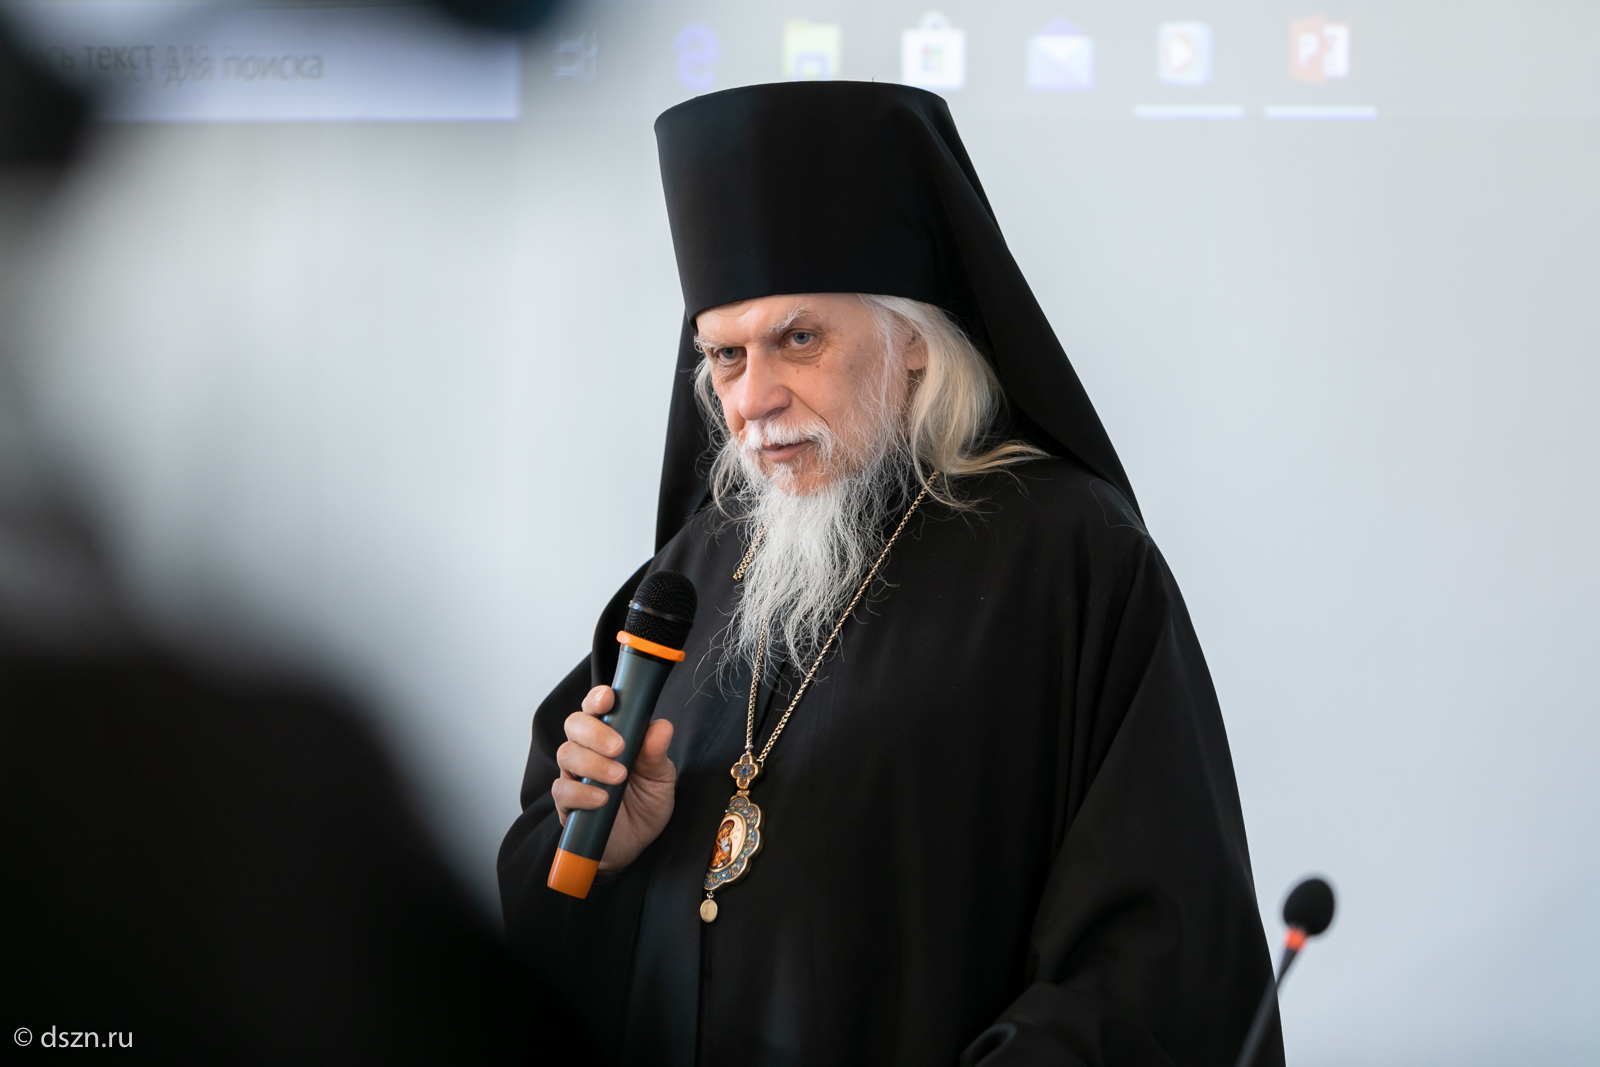 Епископ Пантелеимон. Фото: пресс-служба Департамента труда и социальной защиты населения Москвы